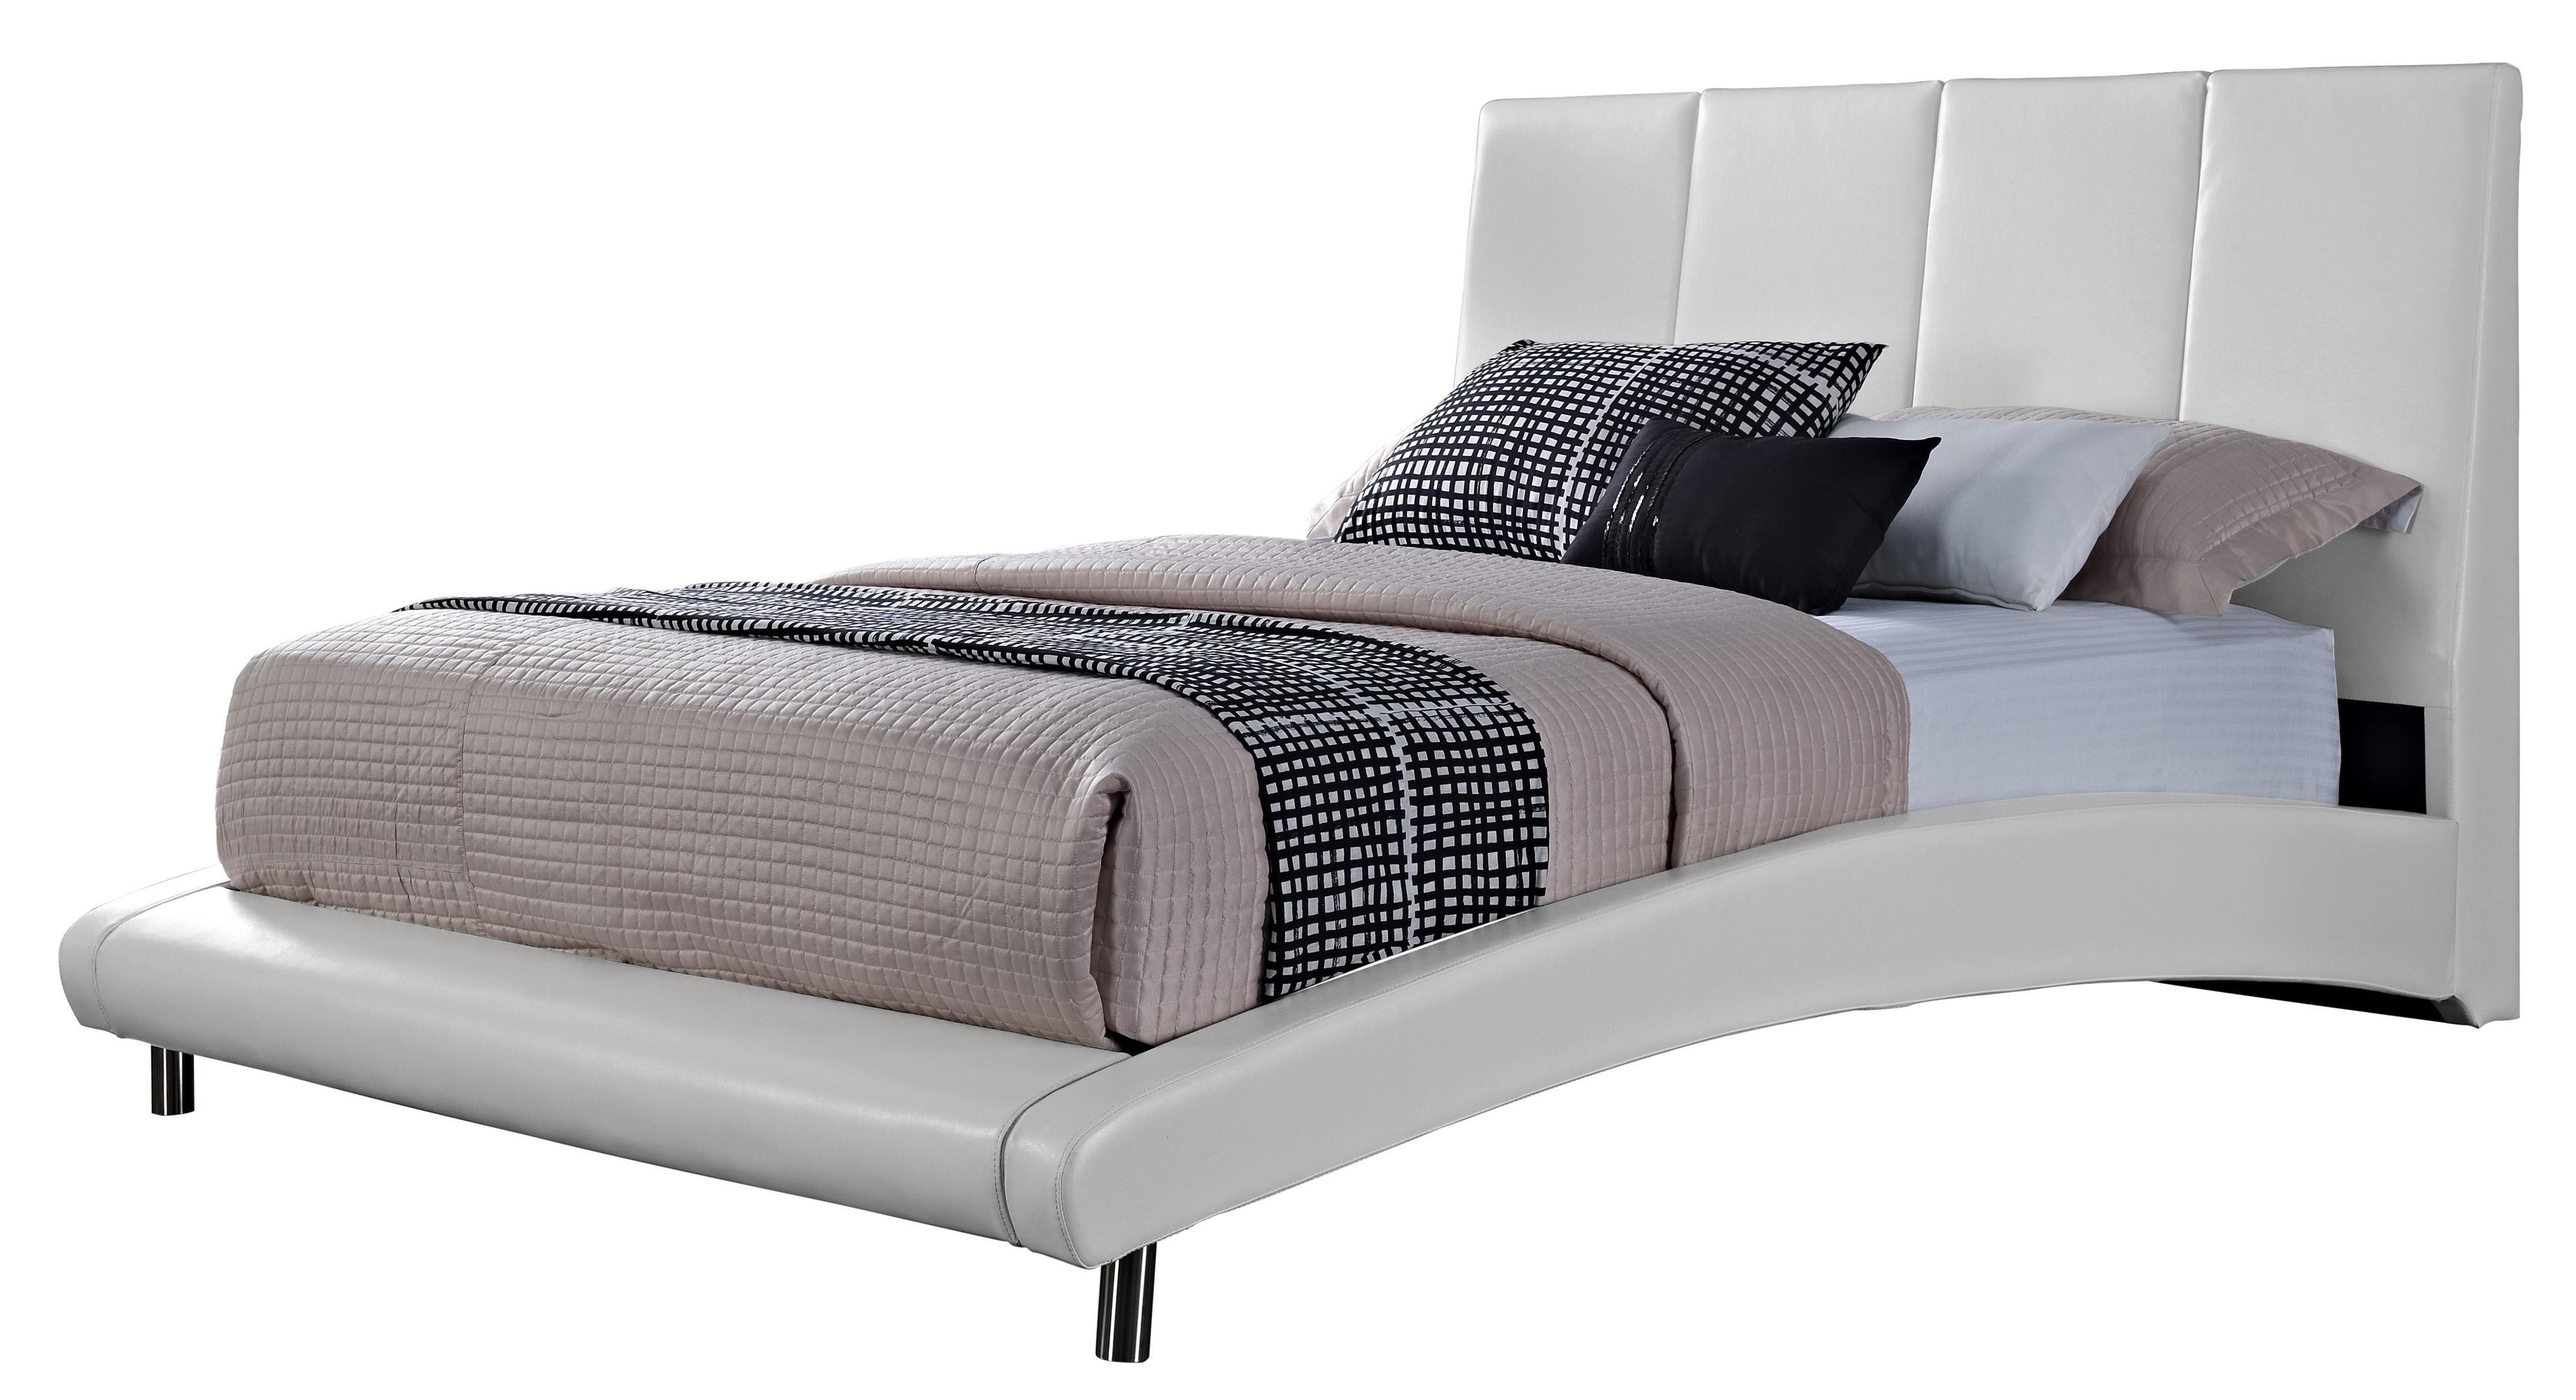 Standard Furniture Moderno  King Upholstered Platform Bed  - Item Number: 99517+18